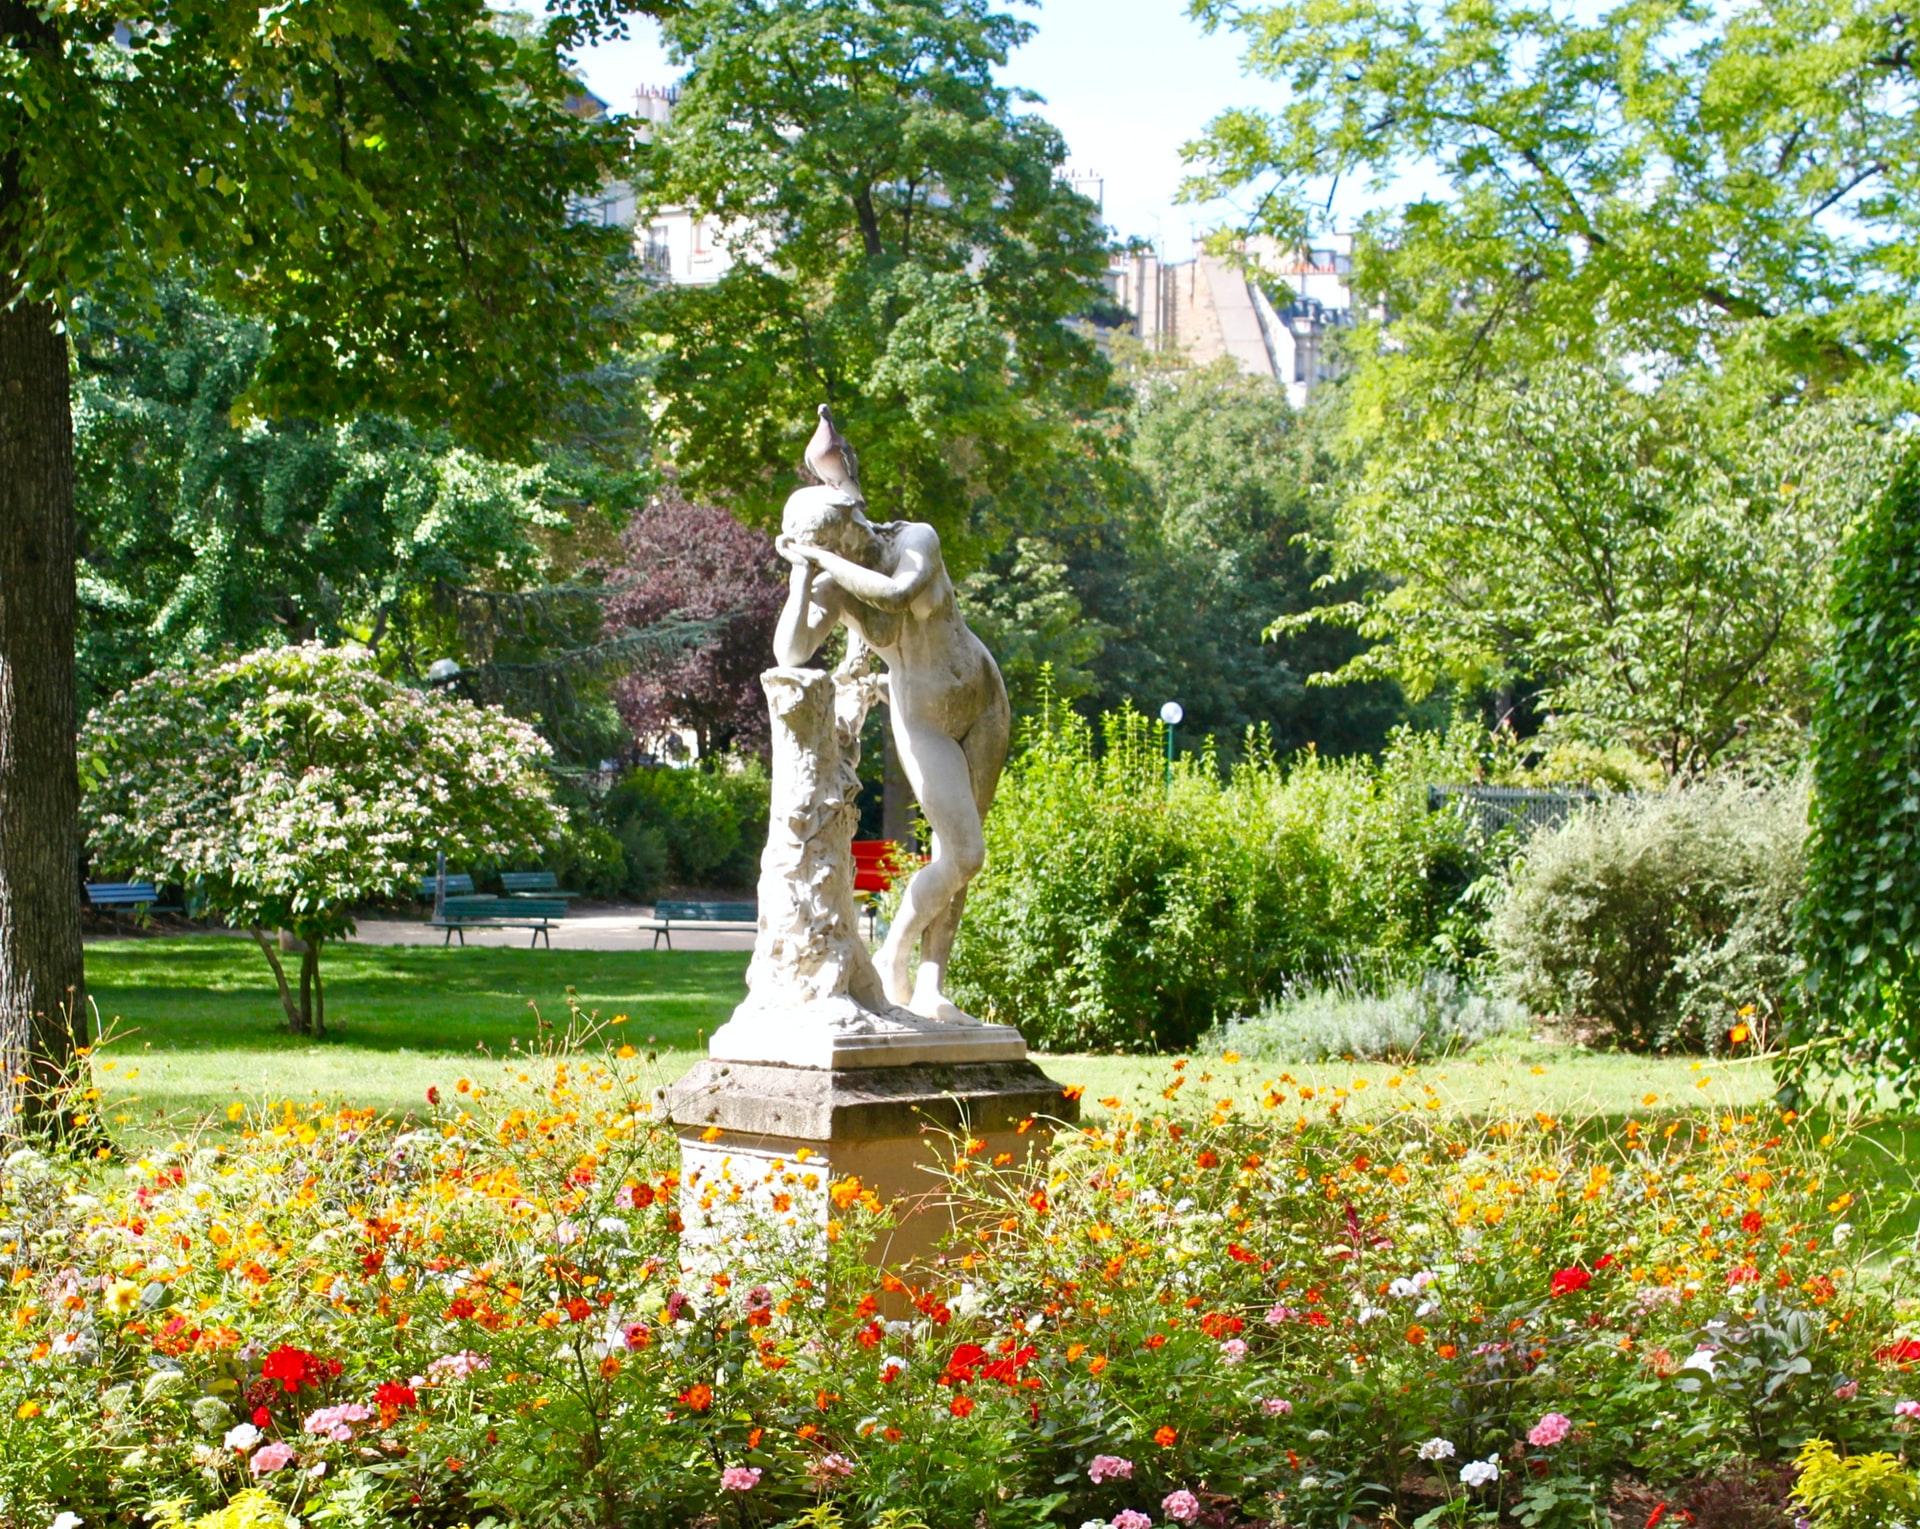 parcs jardins printemps été soleil paris balade beau temps jours